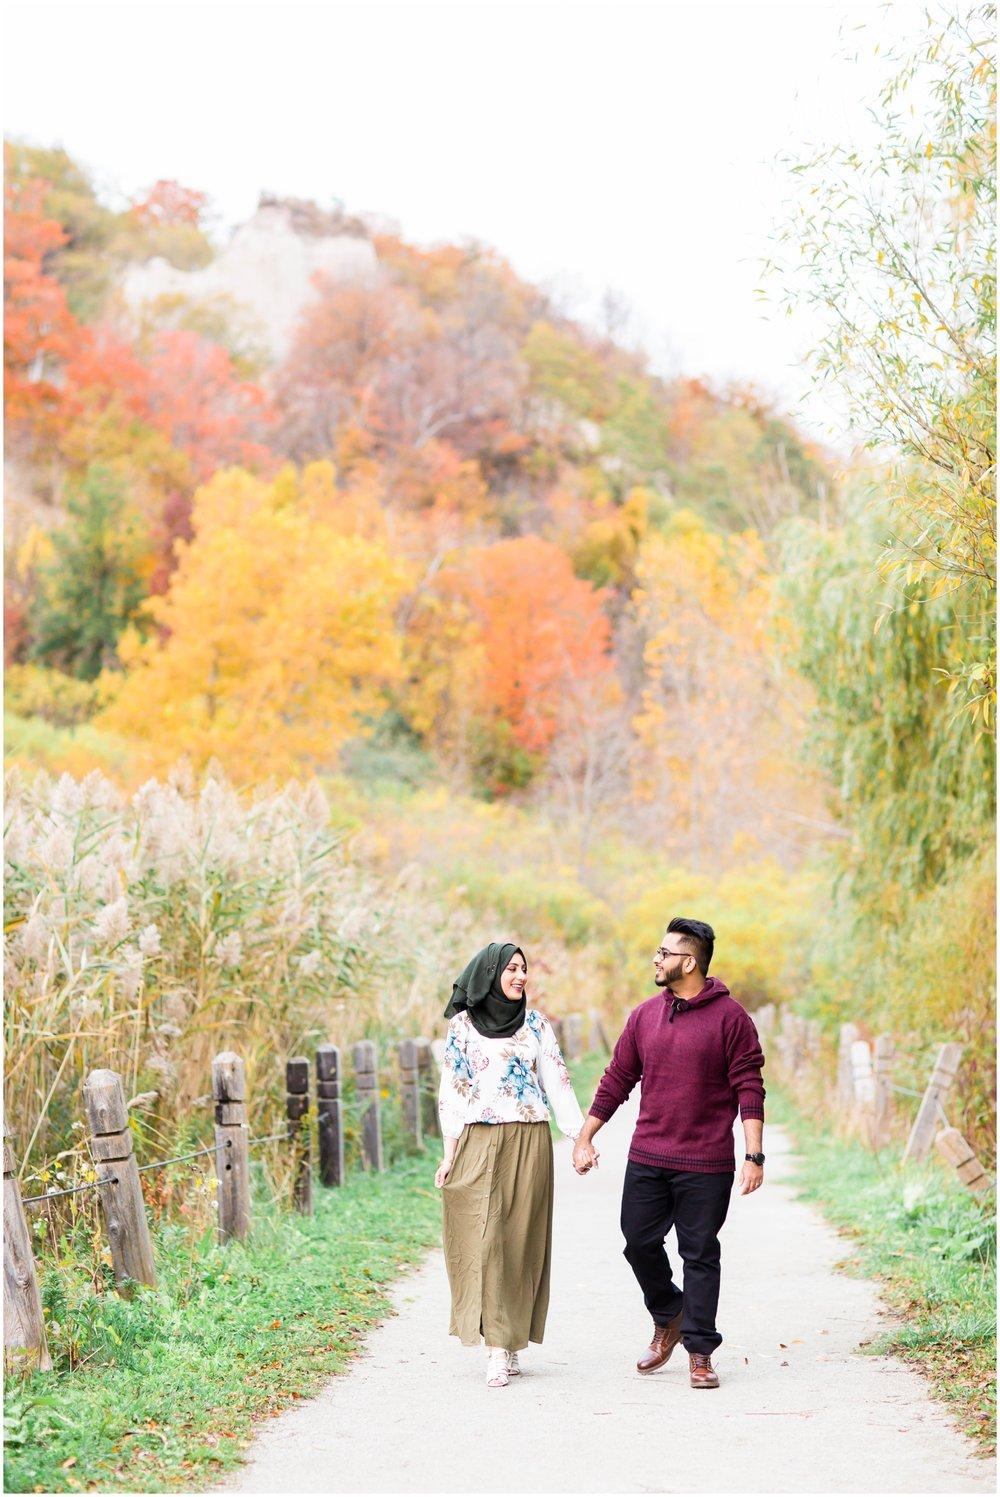 2017-Engagements-Toronto-Mississauga-GTA-Pakistani-Indian-Wedding-Photography-Photographer_0052.jpg